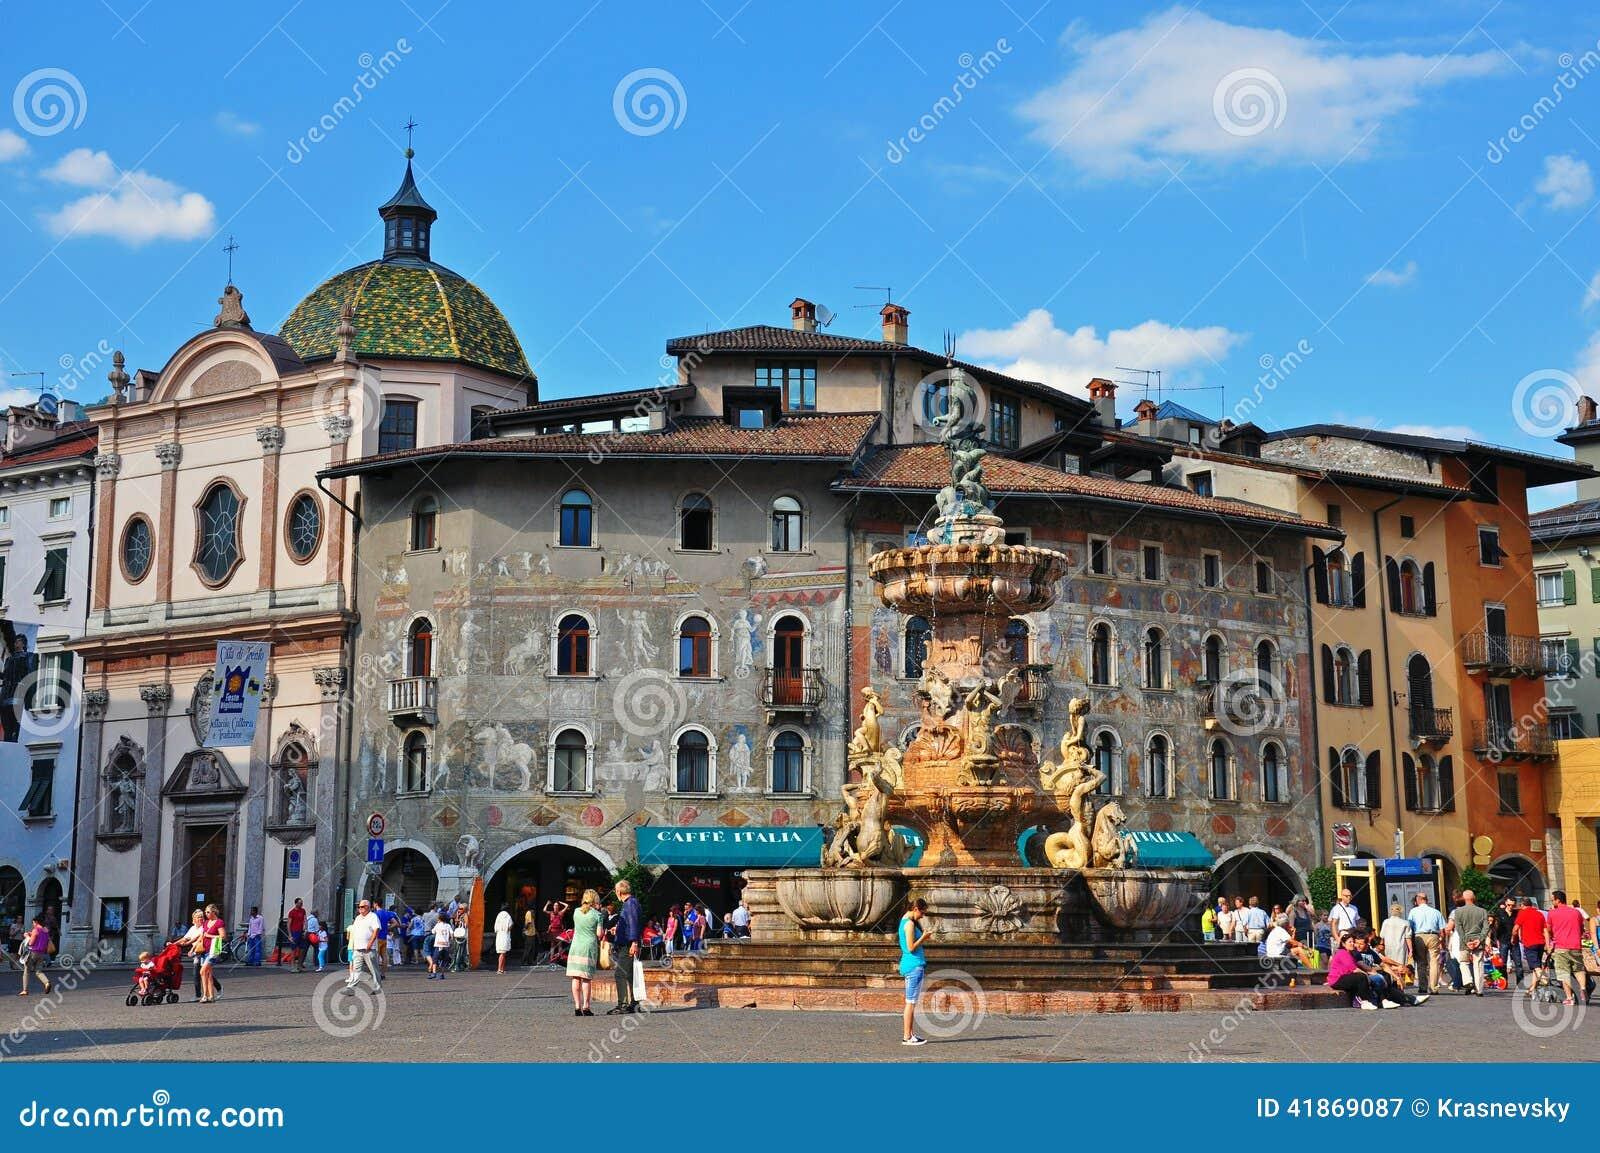 Vieille ville de trento italie photographie ditorial - Piscine place d italie ...